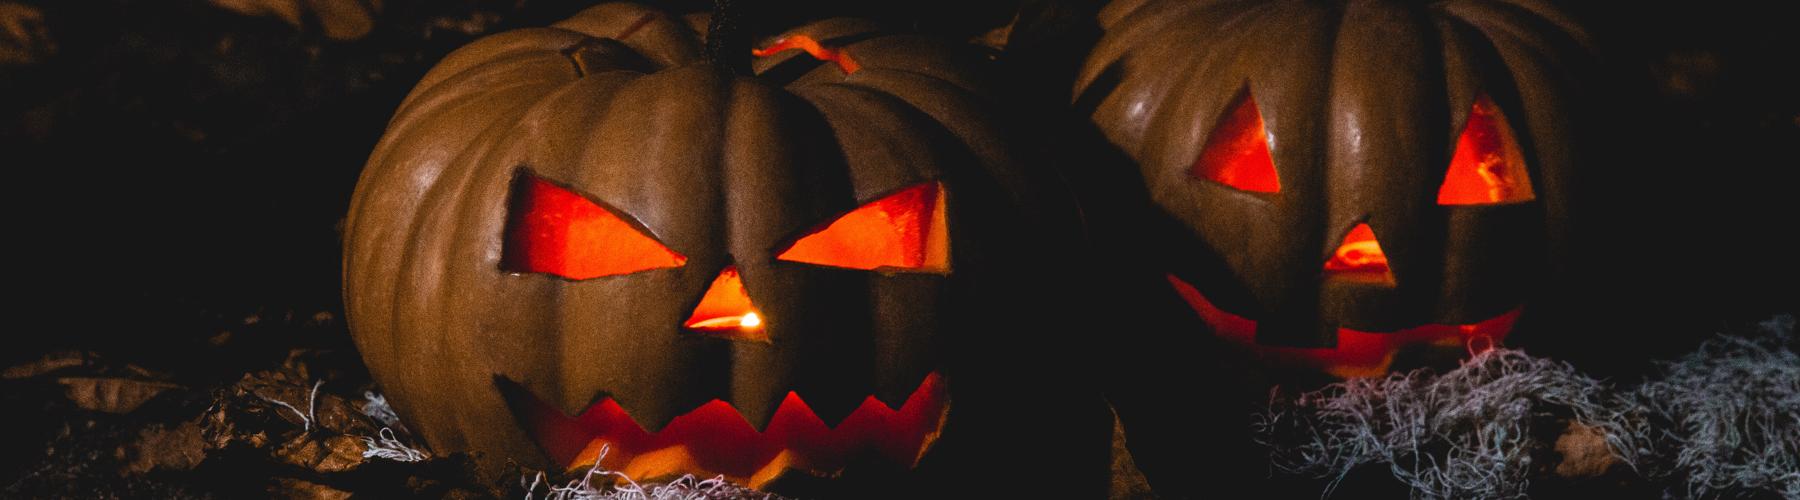 Las Seis Campañas de Marketing Más Divertidas para Halloween